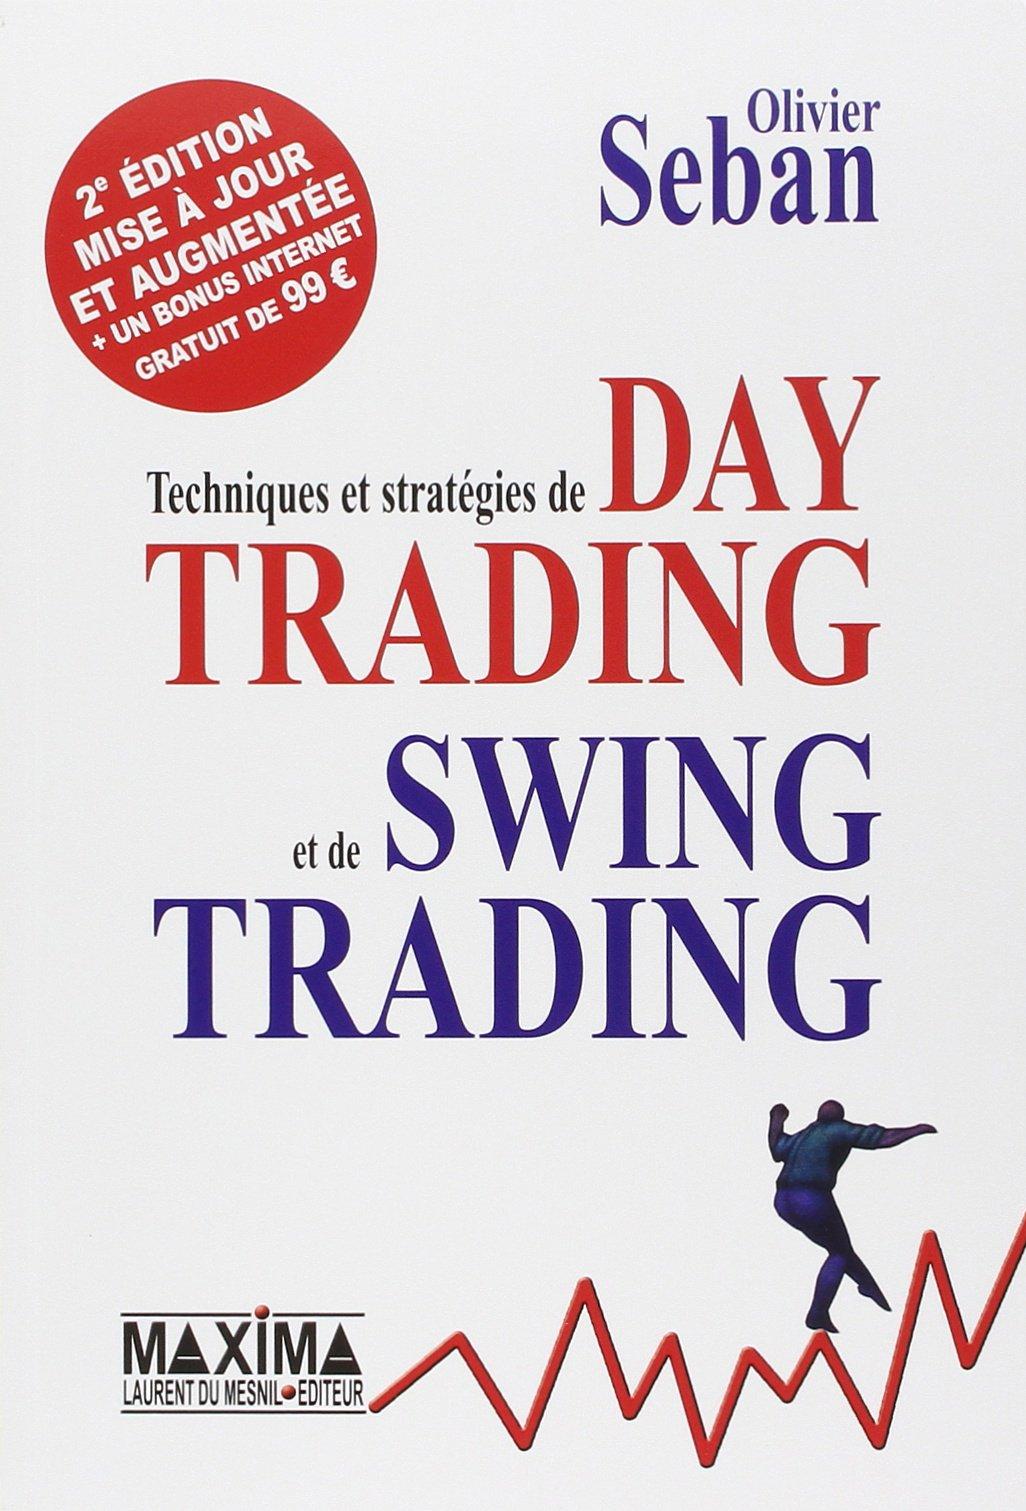 Techniques et stratégies de Day Trading et de Swing Trading Broché – 12 juillet 2007 Olivier Seban 2840014815 Bourse Économie